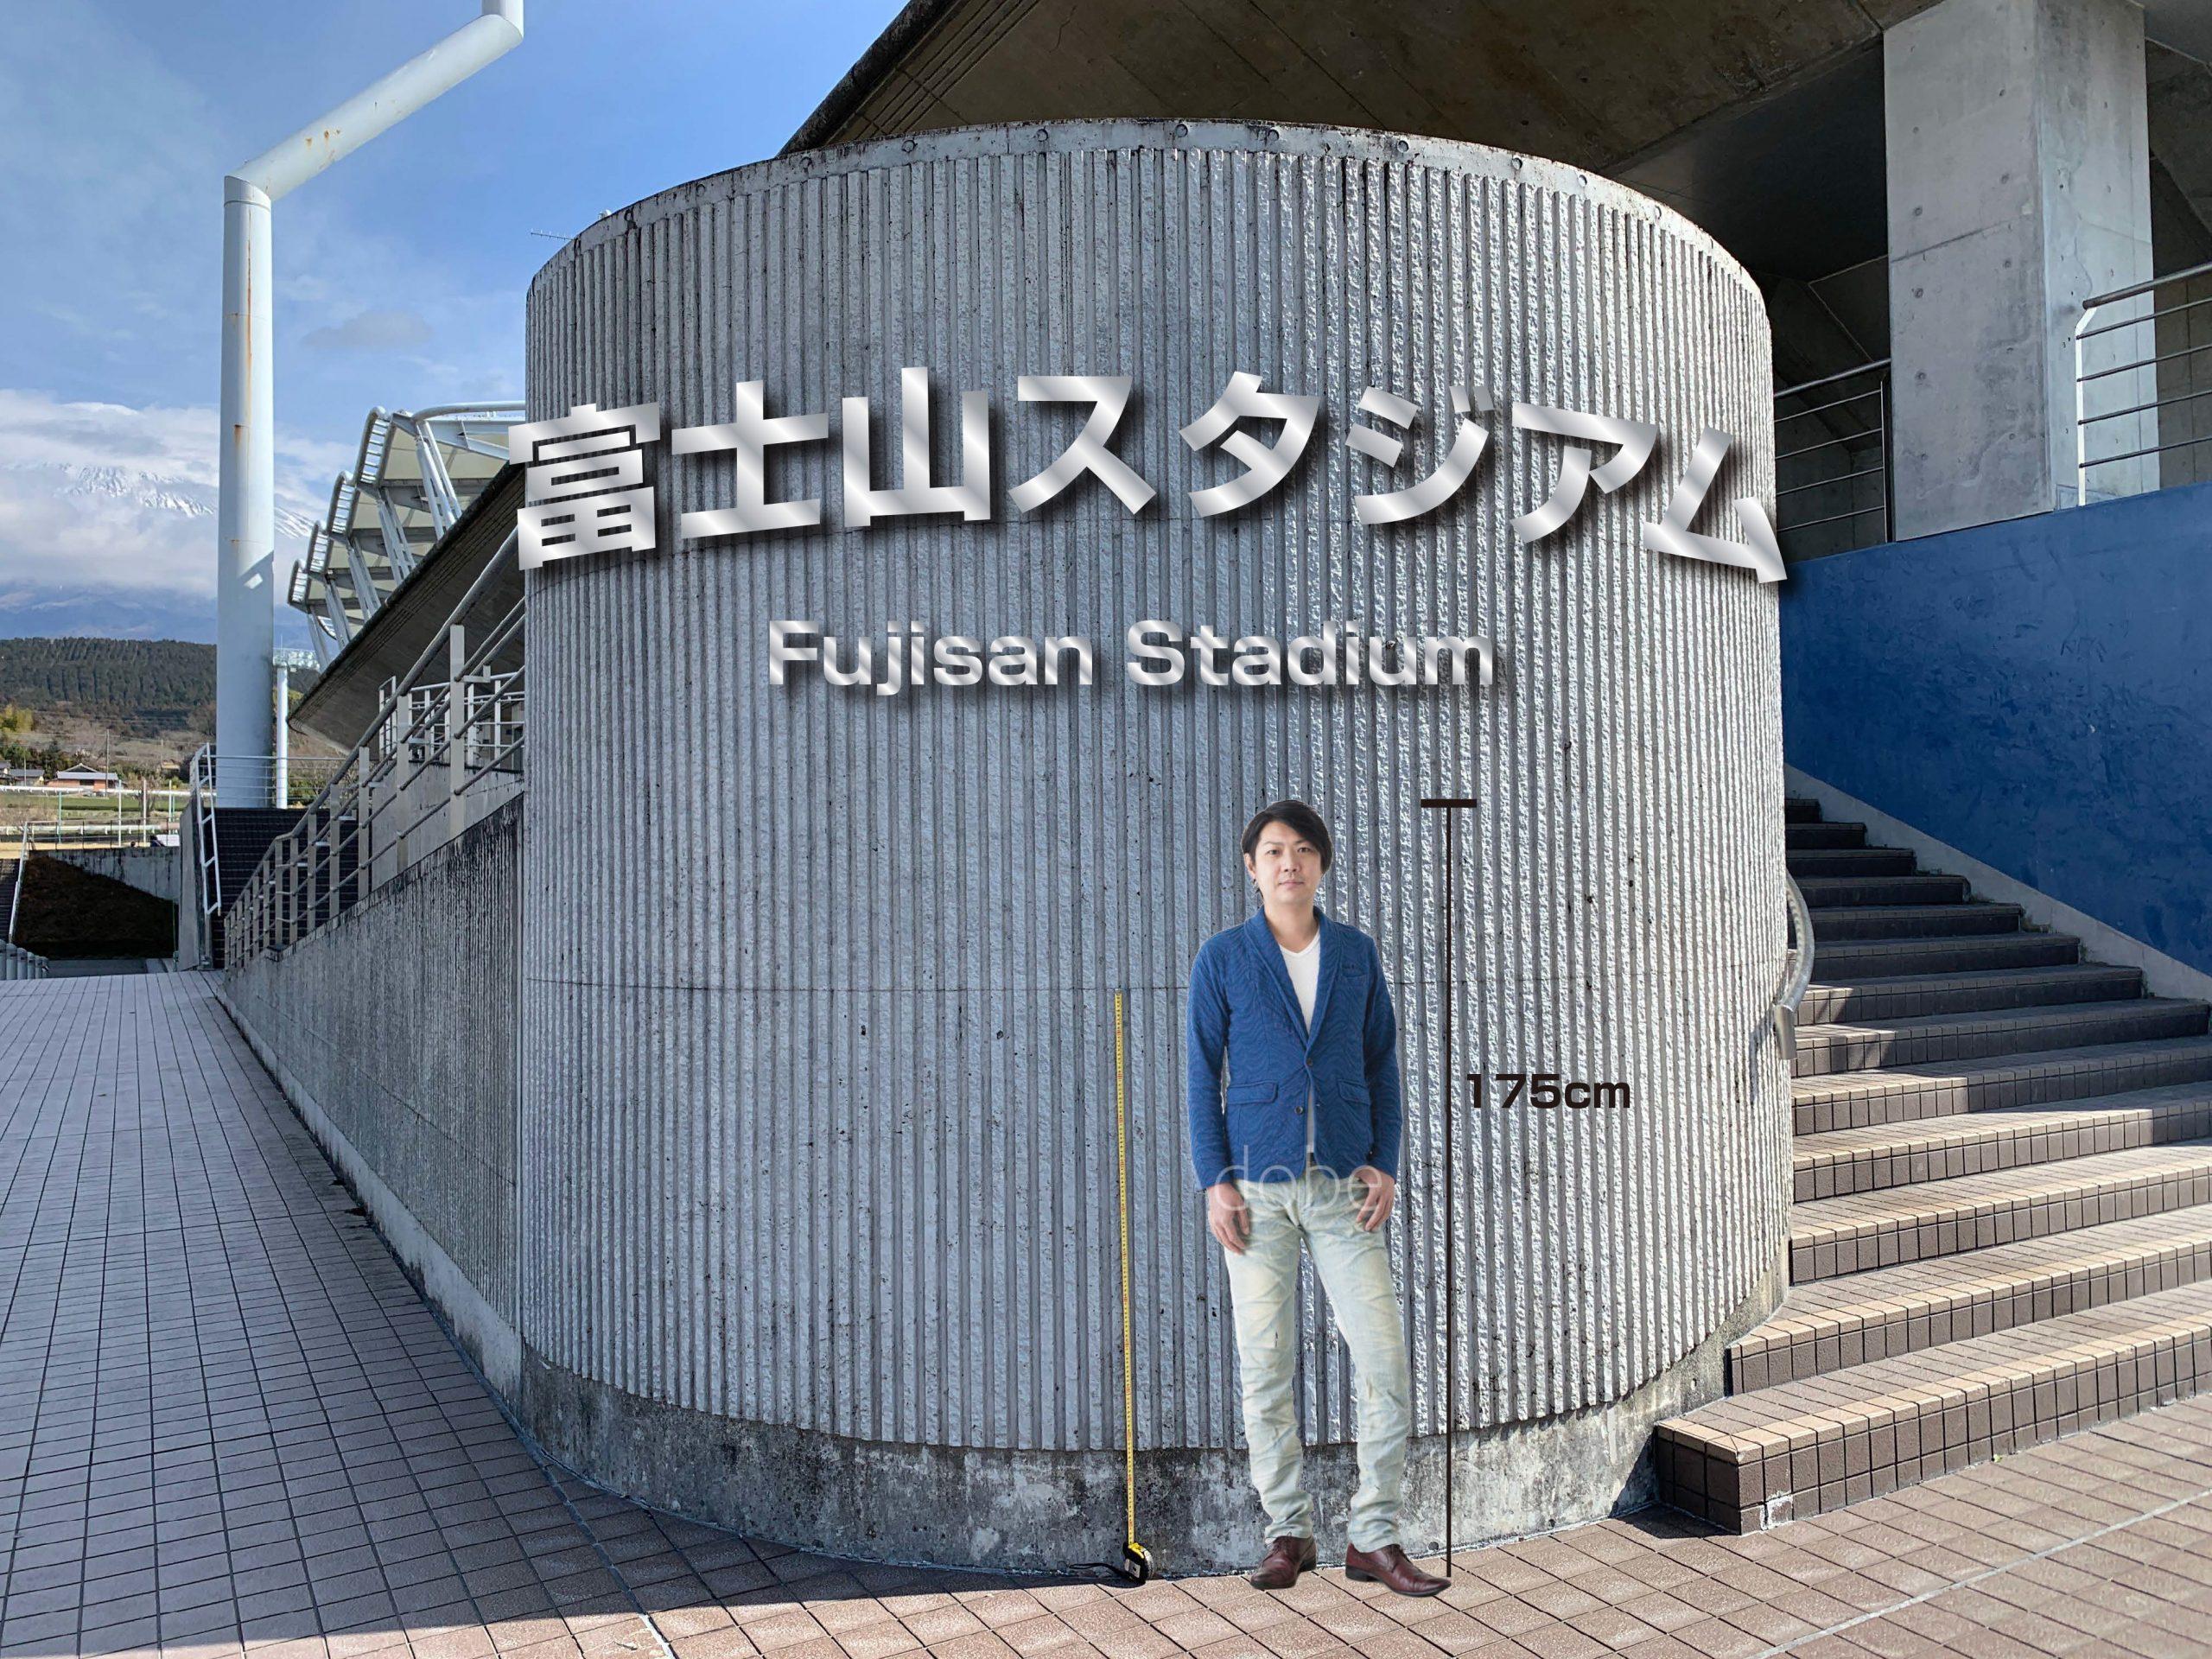 富士山スタジアム SUSチャンネル文字